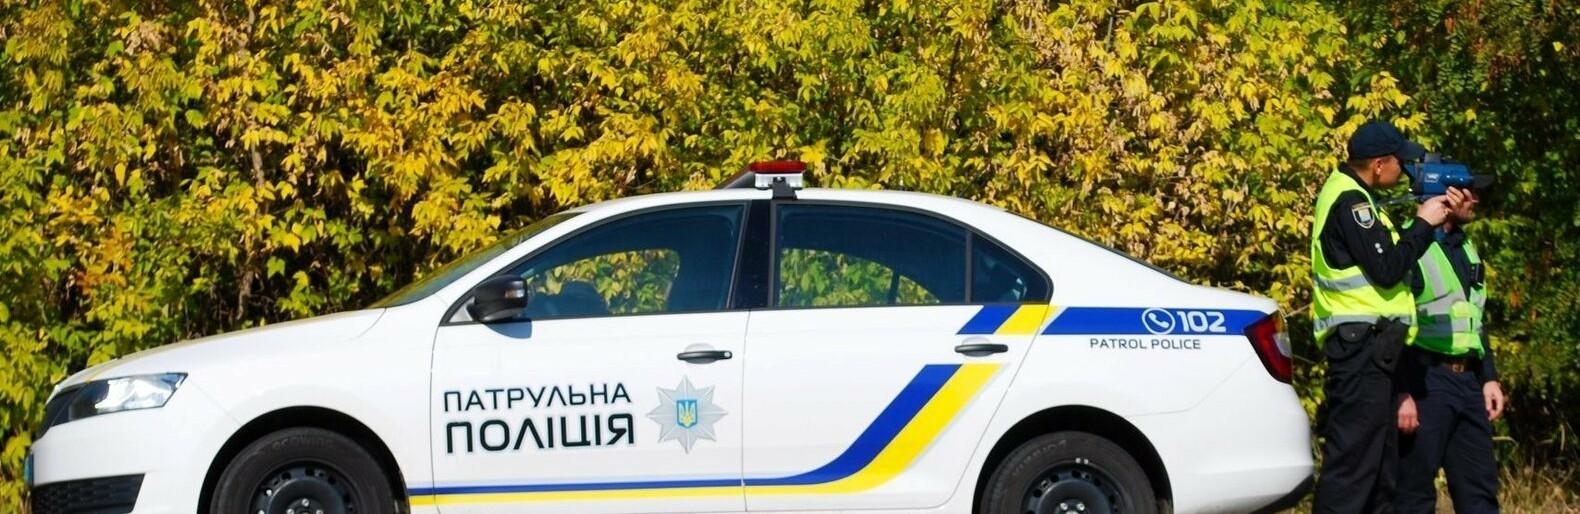 С начала года одесские полицейские остановили почти 300 нетрезвых в...0